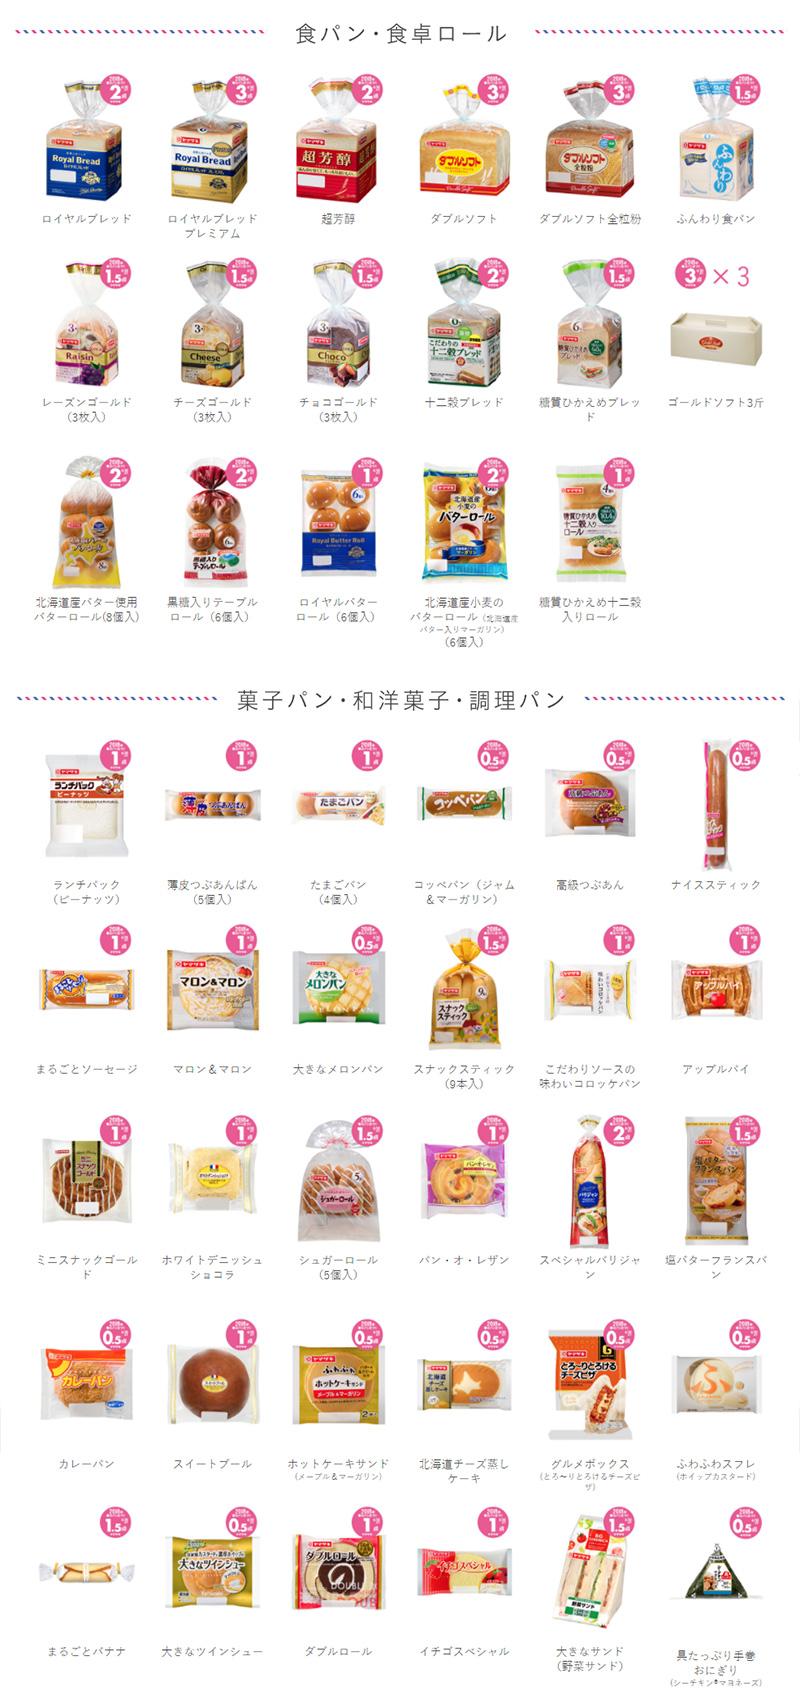 ヤマザキ春のパン祭り2018 対象商品